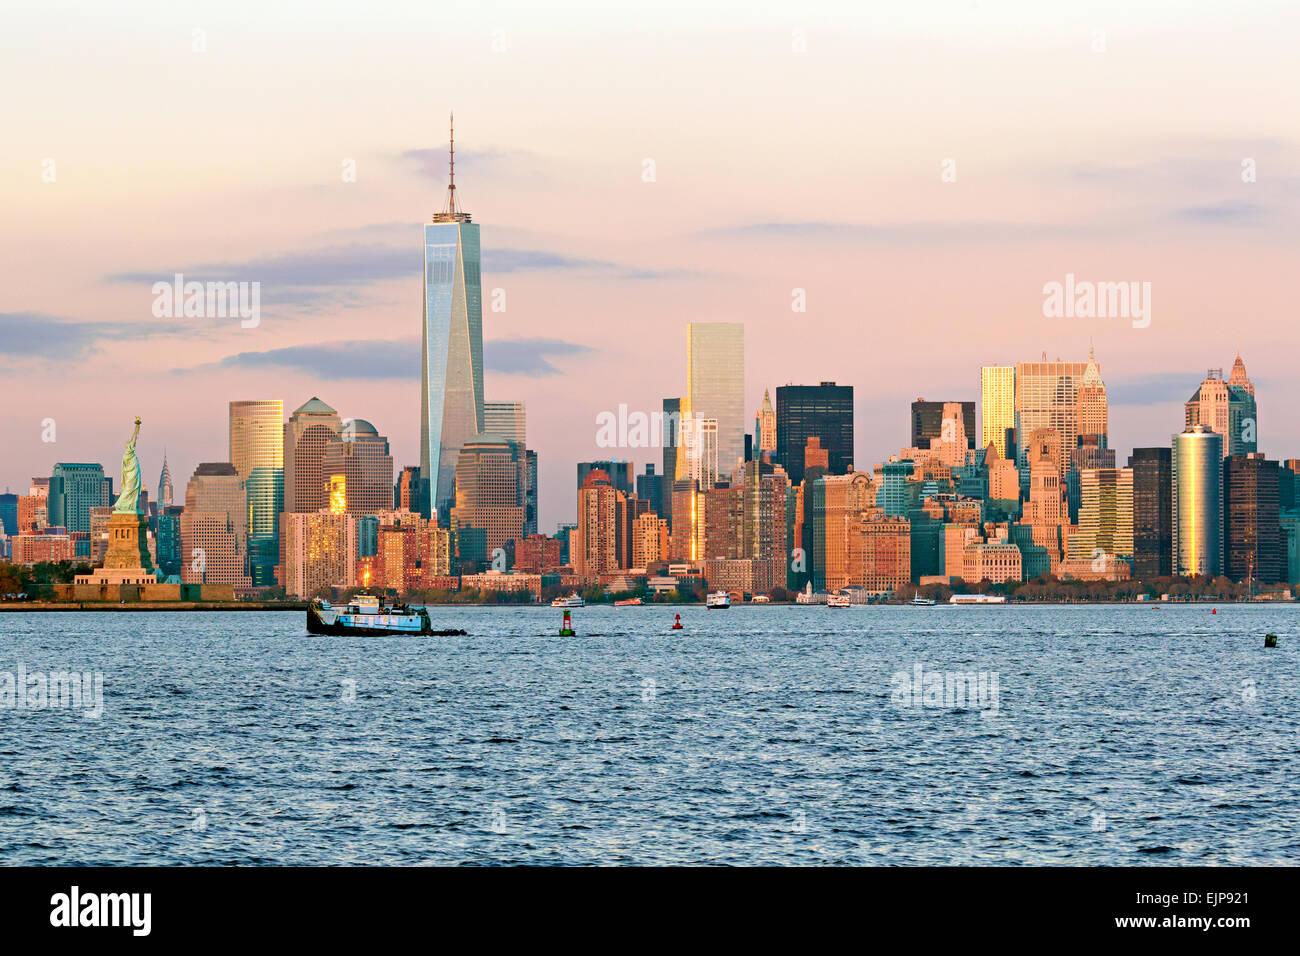 Statua della Libertà, One World Trade Center e il centro di Manhattan attraverso il fiume Hudson, New York, Immagini Stock